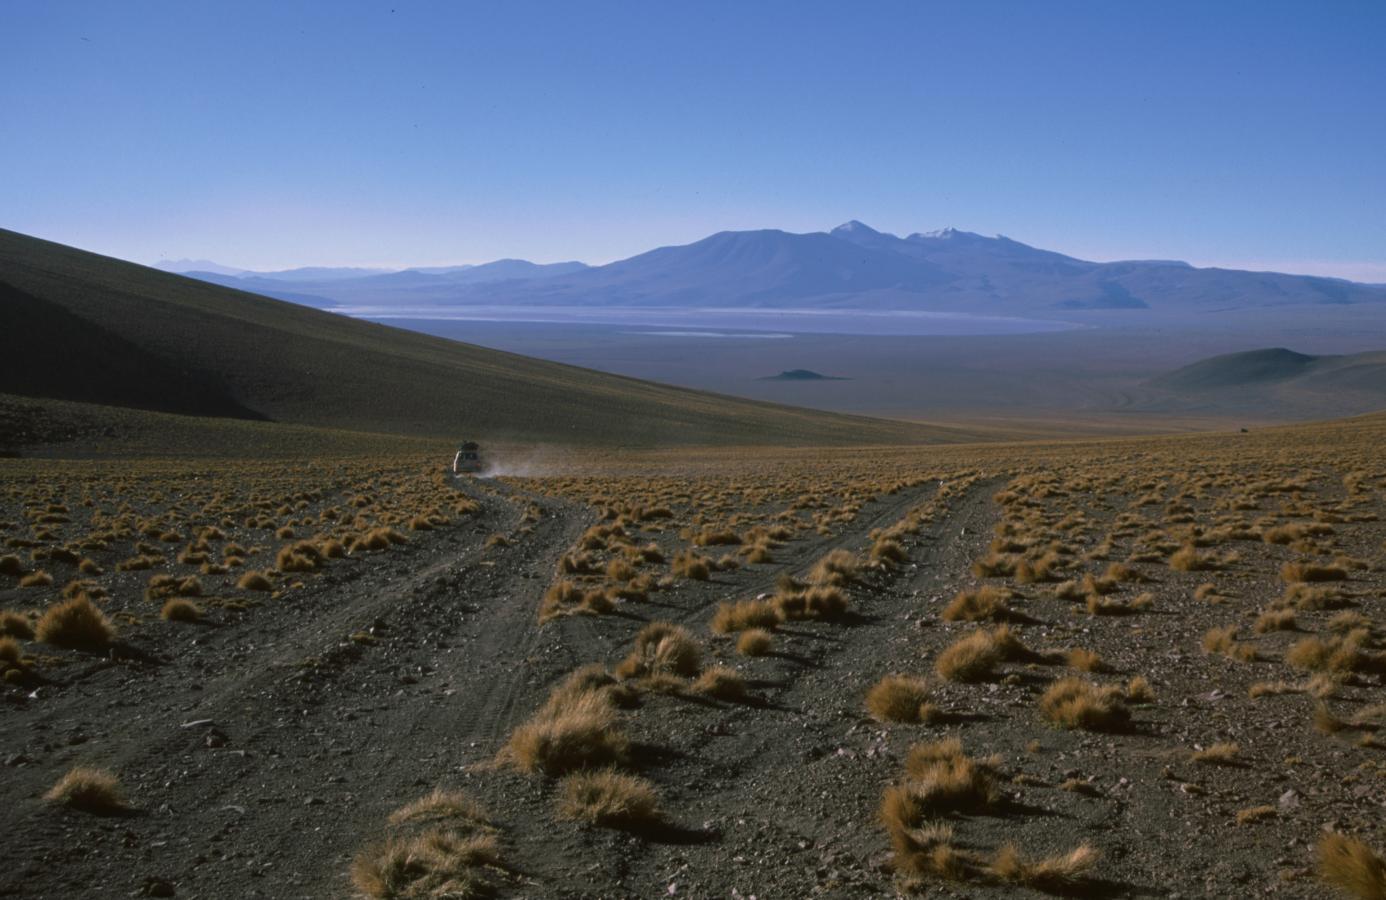 lama-glama-21-bolivia-2001